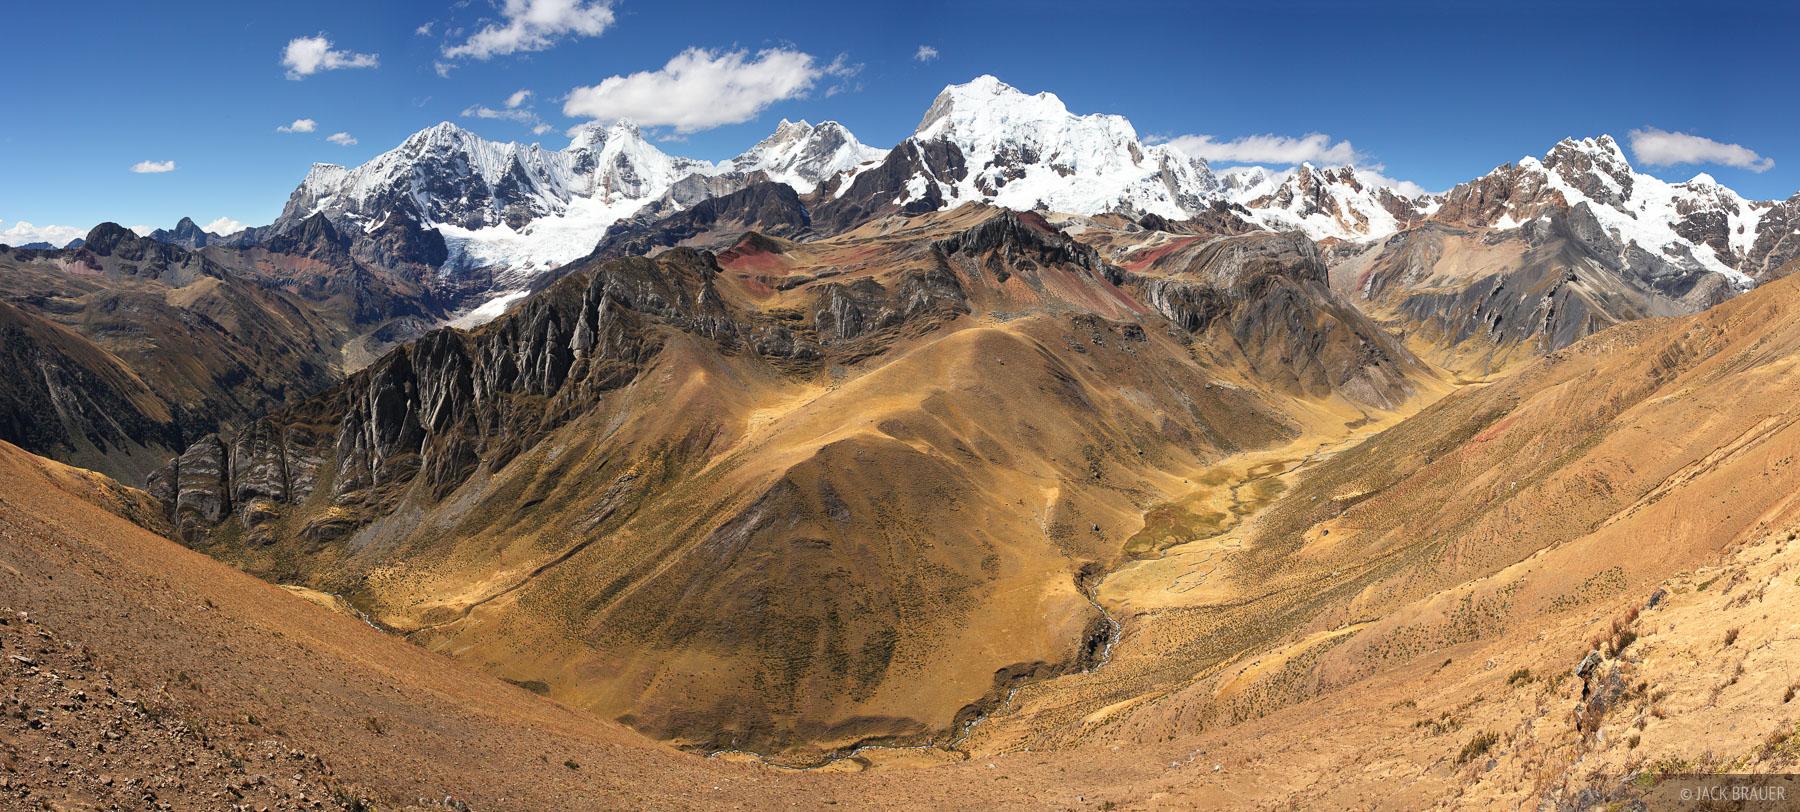 Yerupaja, panorama, Cordillera Huayhuash, Peru, Jirishanca, photo